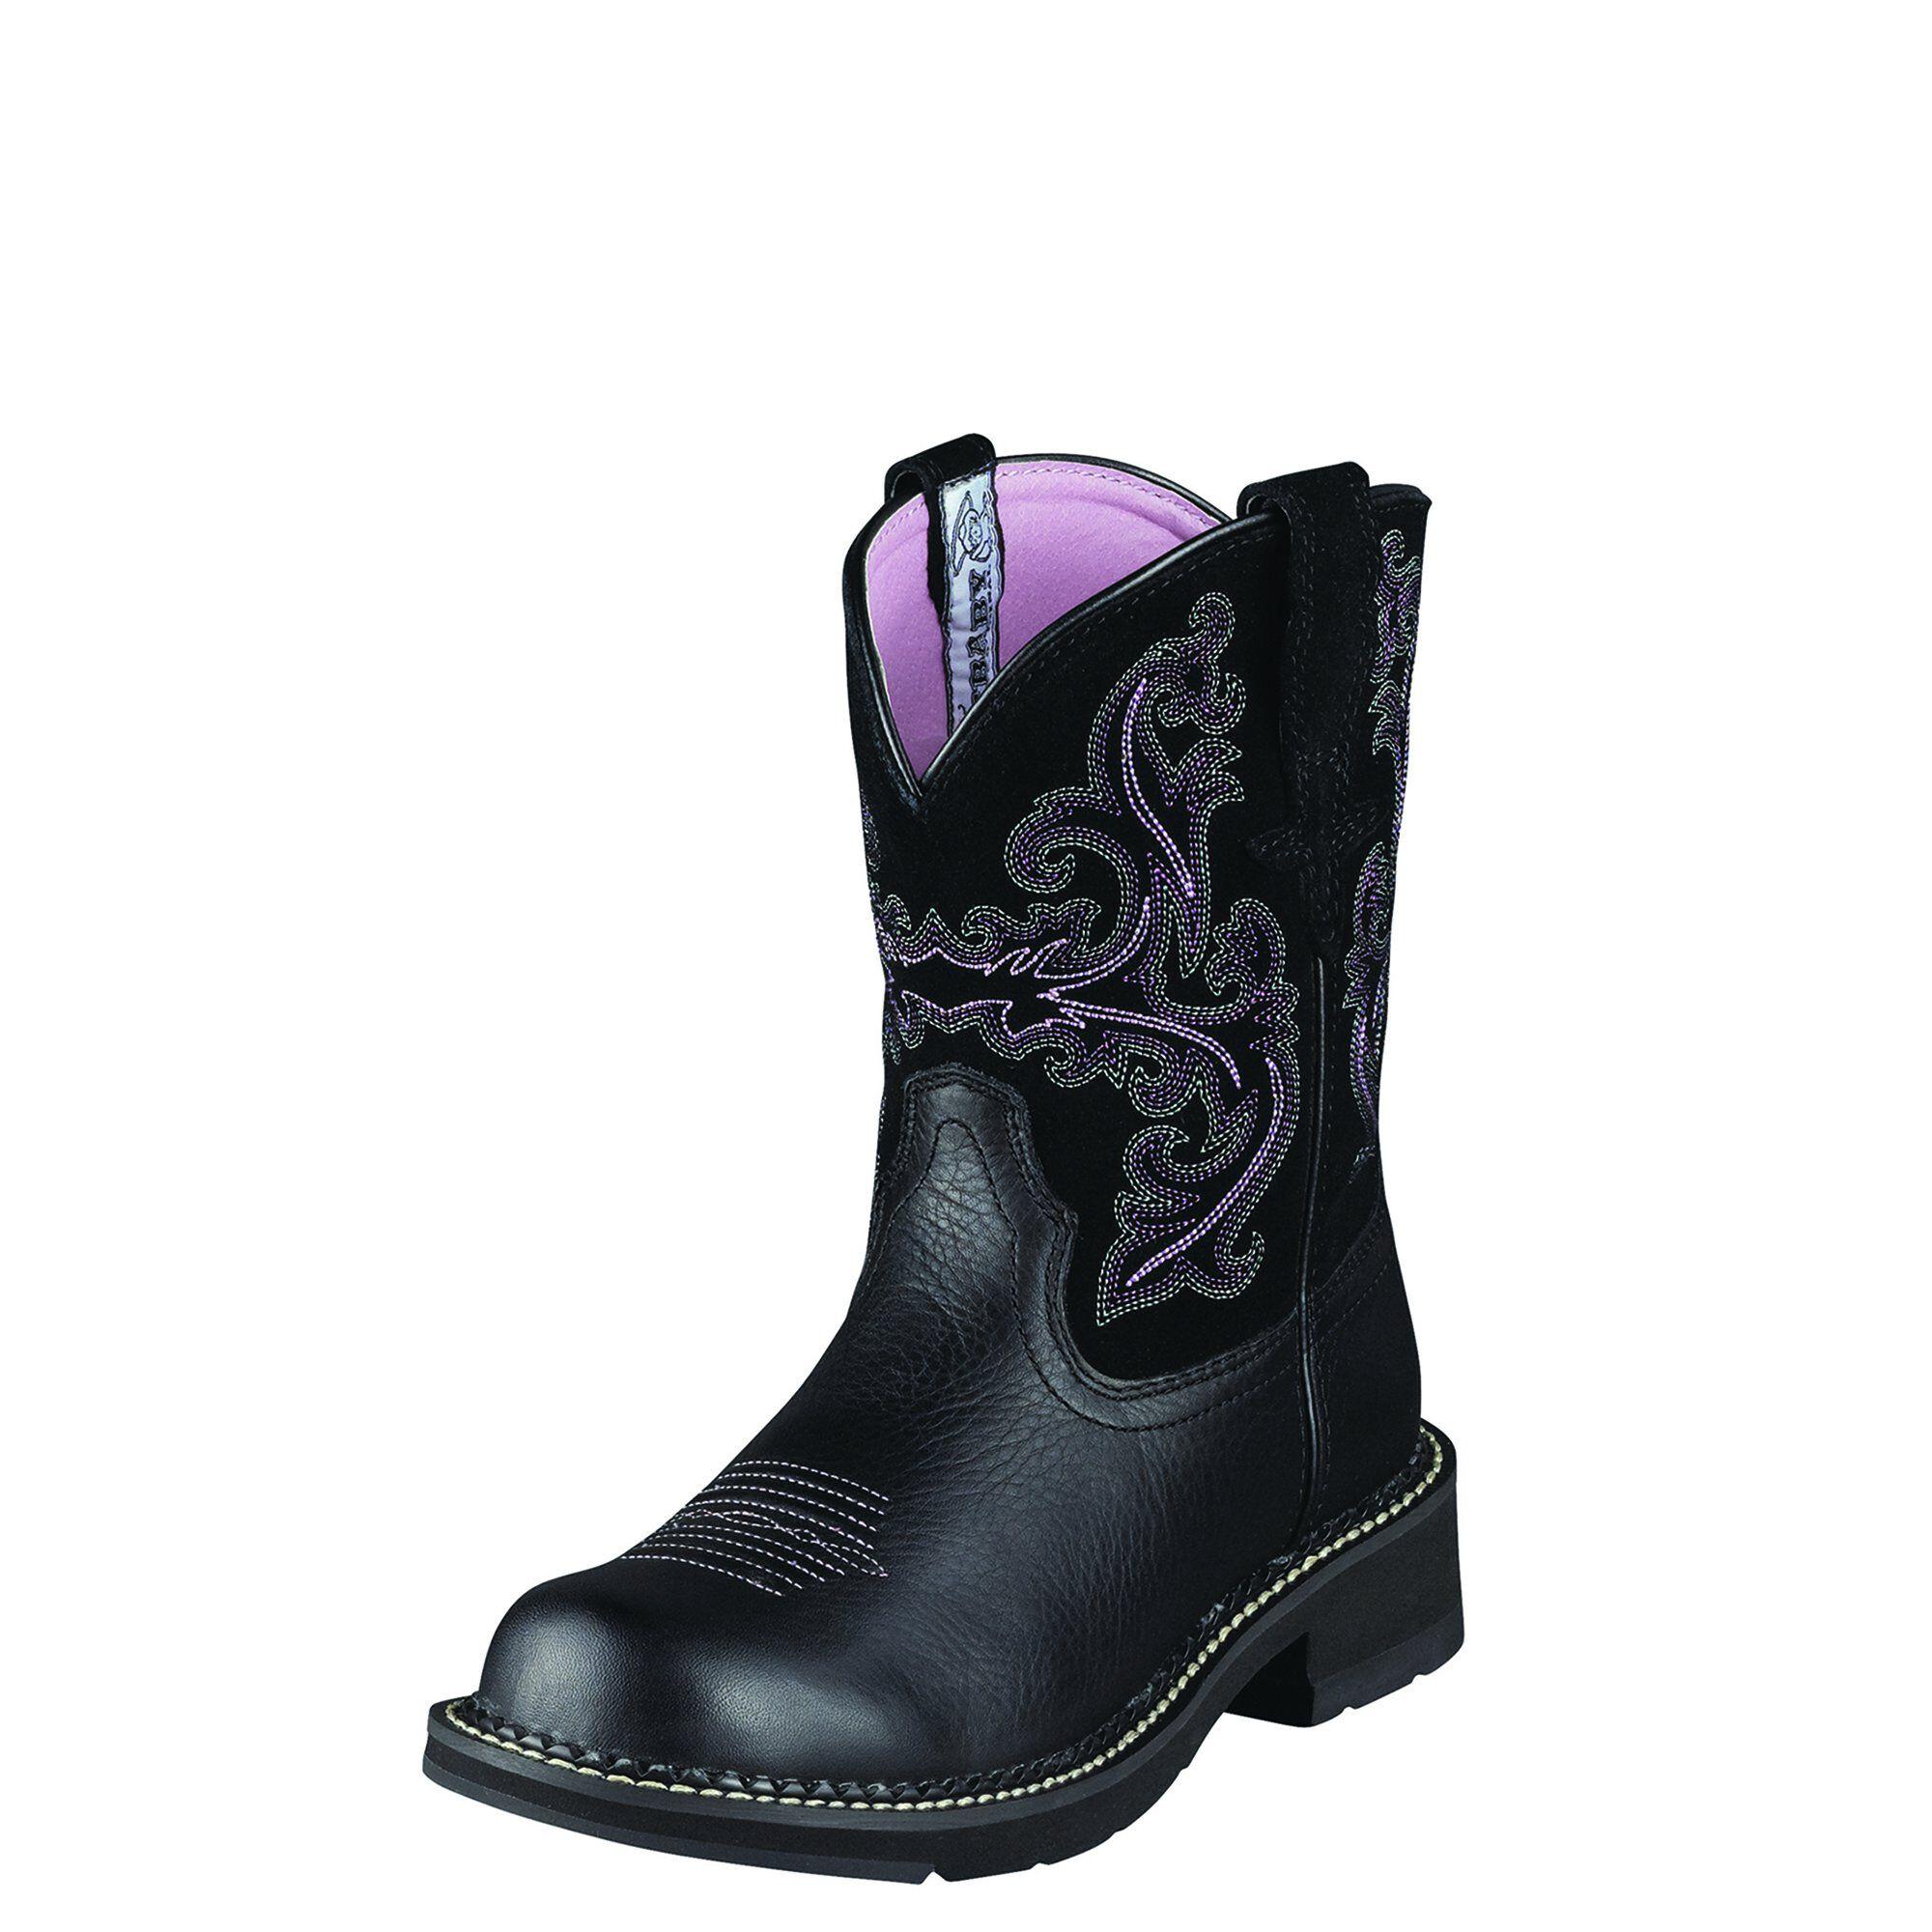 Women's Fatbaby II Western Boots in Black Deertan by Ariat